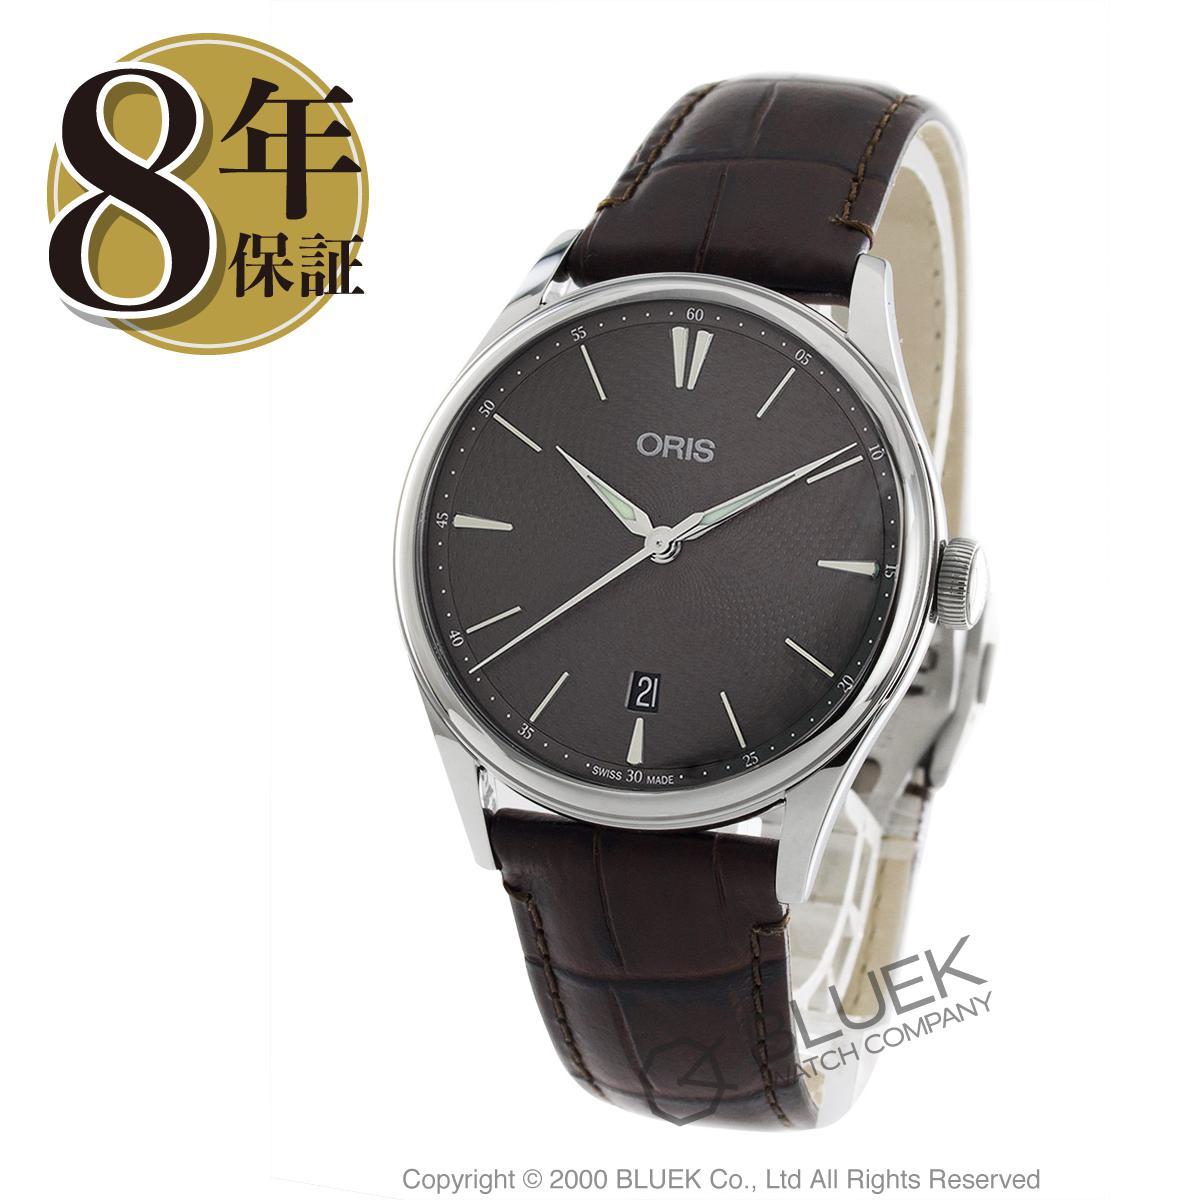 【最大3万円割引クーポン 11/01~】オリス アートリエ デイト 腕時計 メンズ ORIS 733 7721 4053D_8